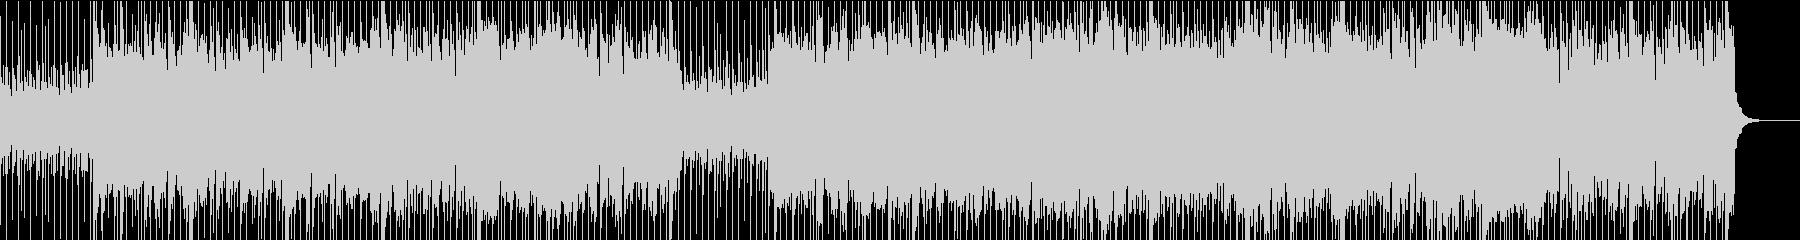 都会的な哀愁ディスコ/メロウミドルテンポの未再生の波形